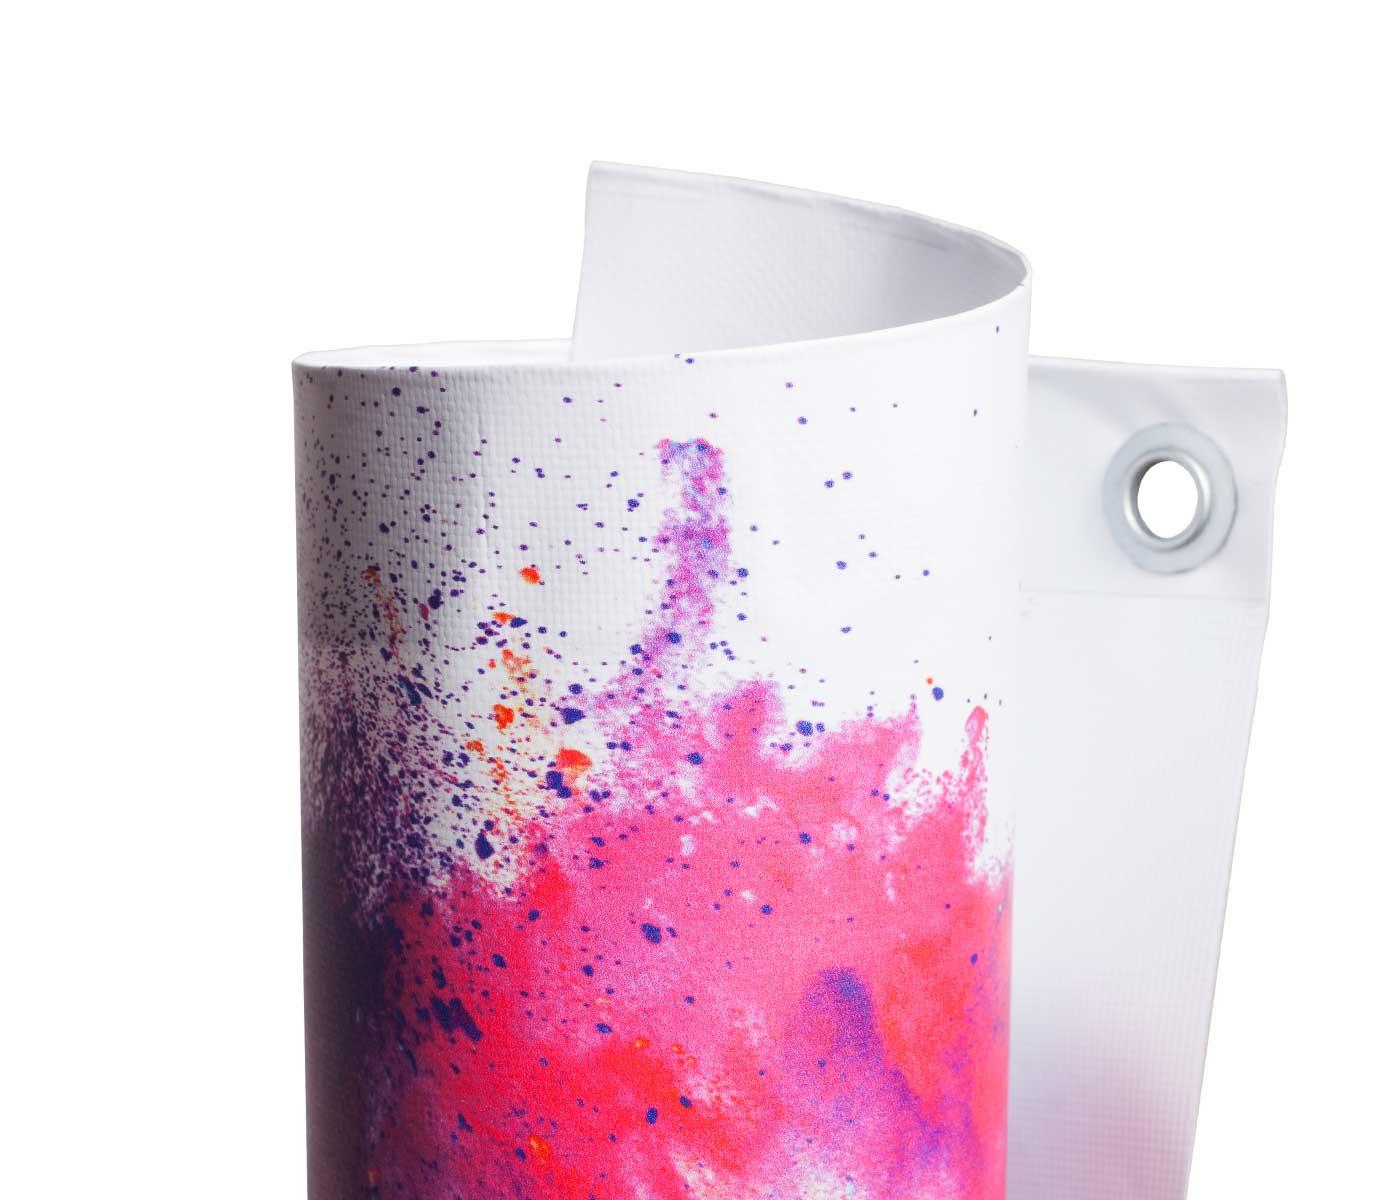 Eingerolltes, farbig bedrucktes PVC Frontlite 510g Material mit Oese leicht gedreht